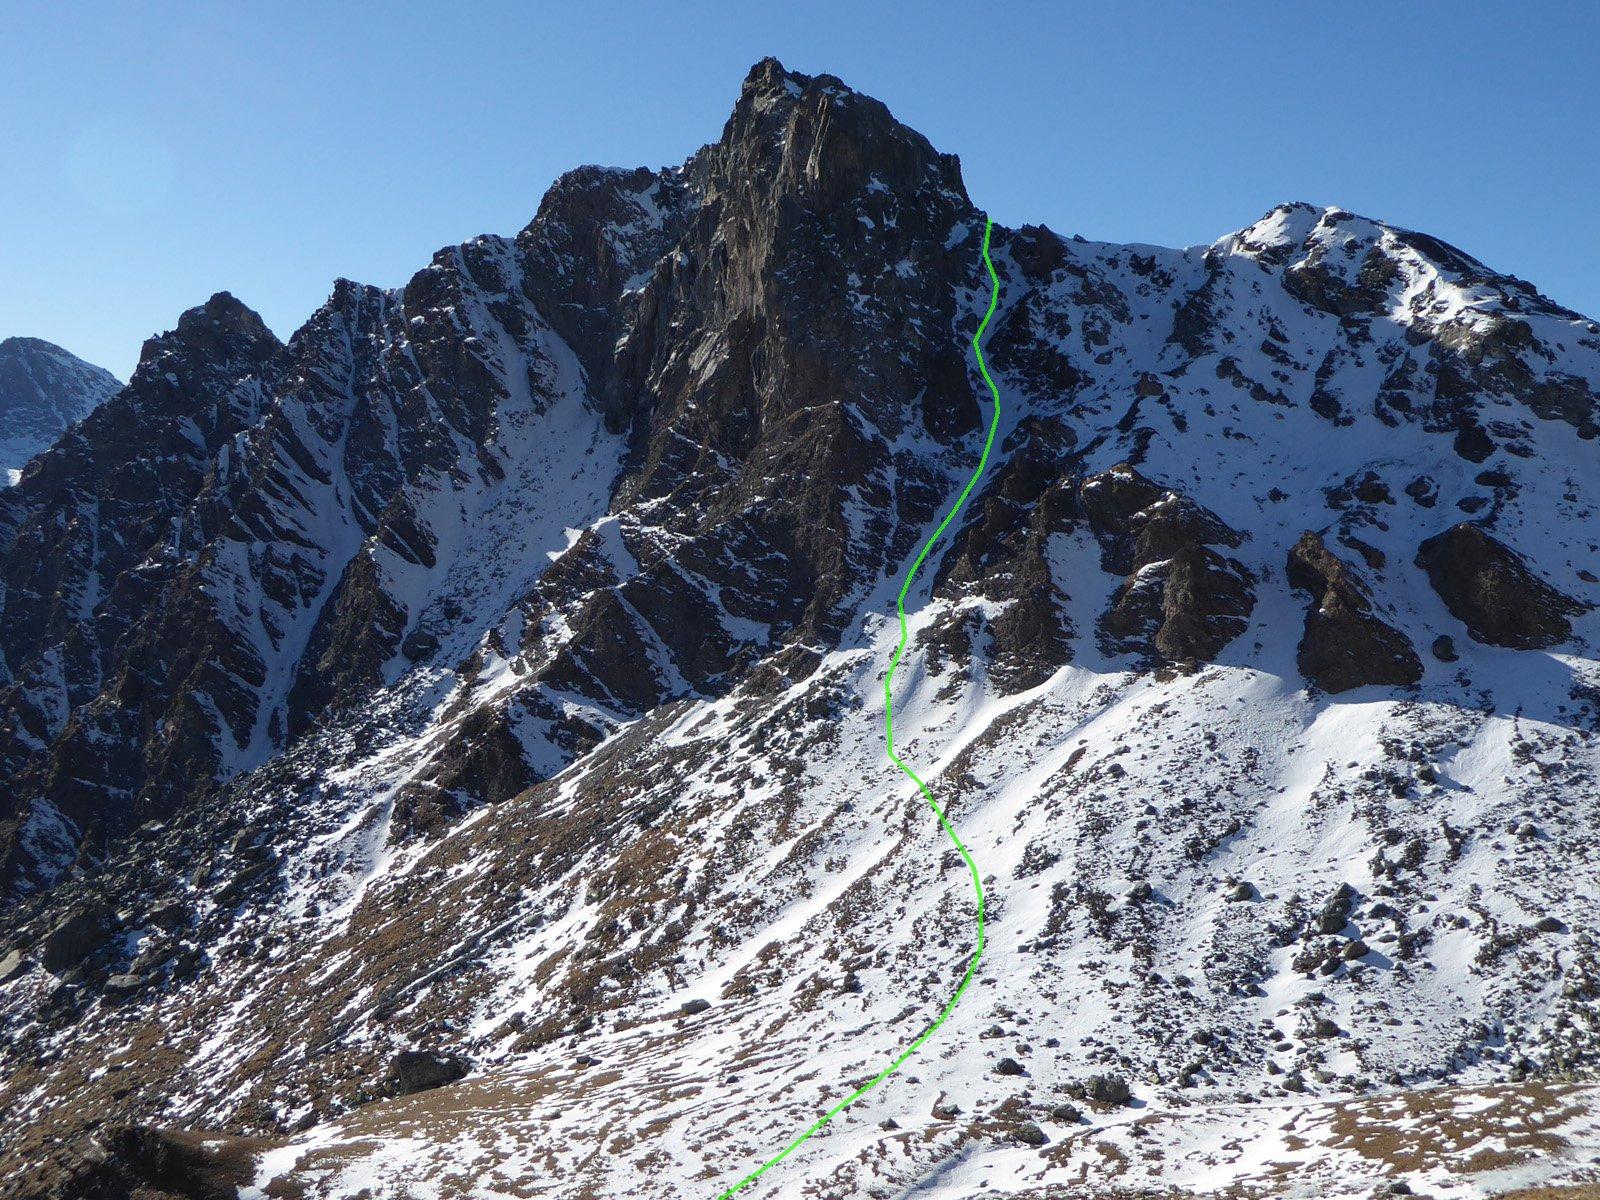 il canale visto dalla punta dell'Alp (dicembre 2015)